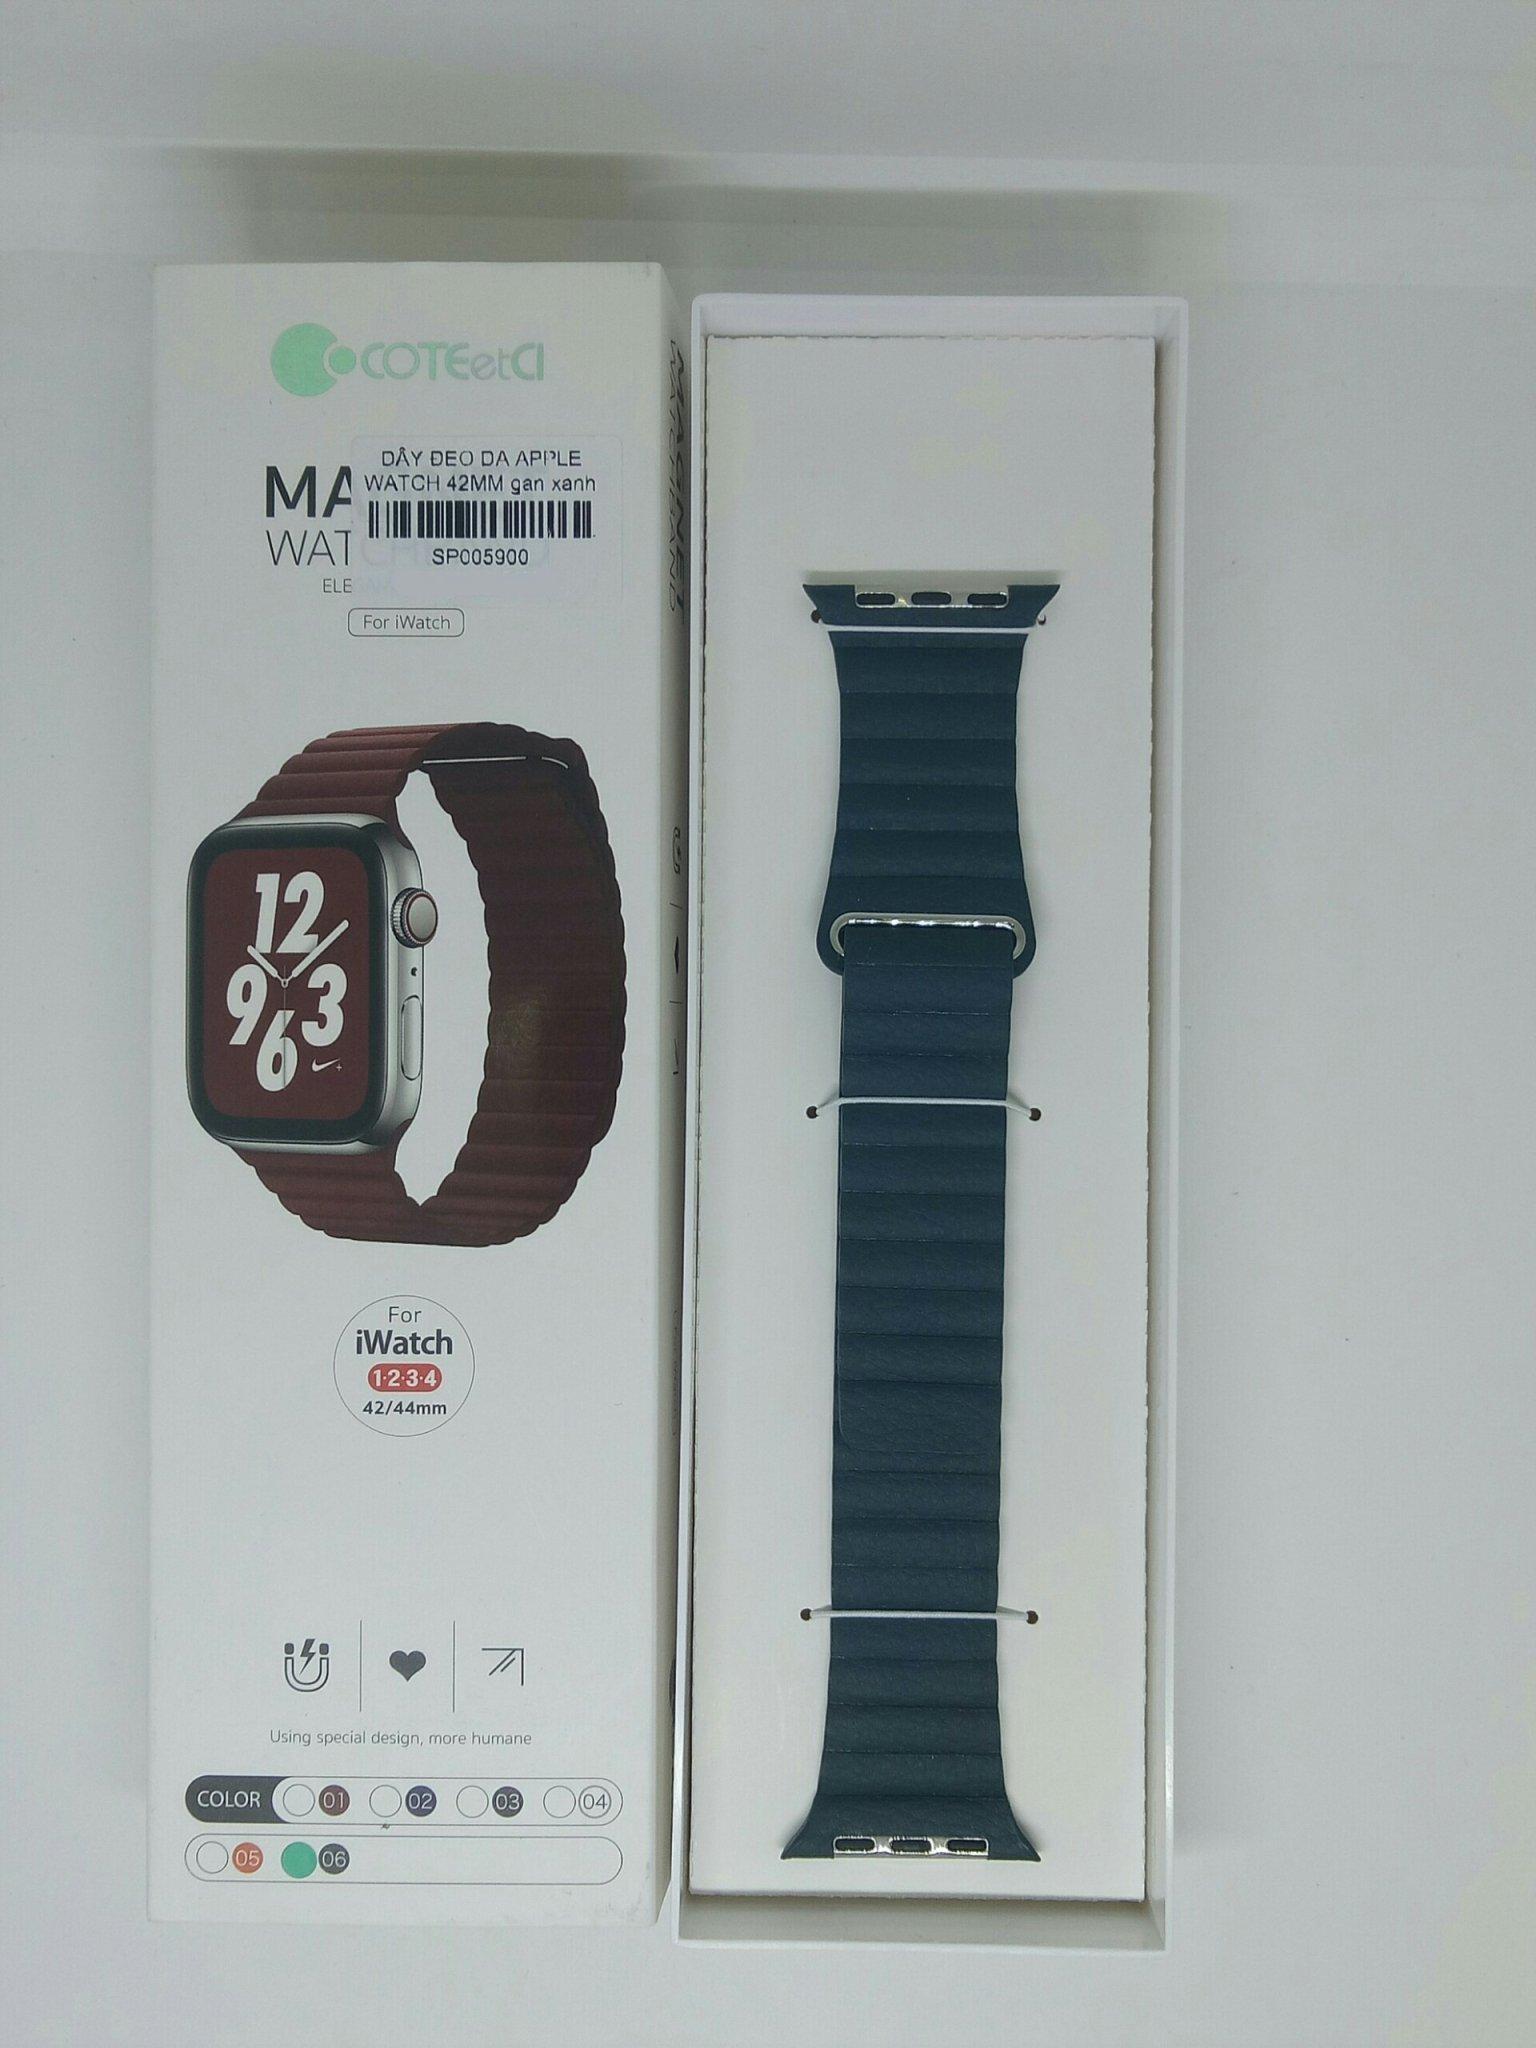 Dây đeo thay thế Apple Watch - 38mm/40mm/42mm/44mm - Coteetci - Da cao cấp - Hàng nhập khẩu